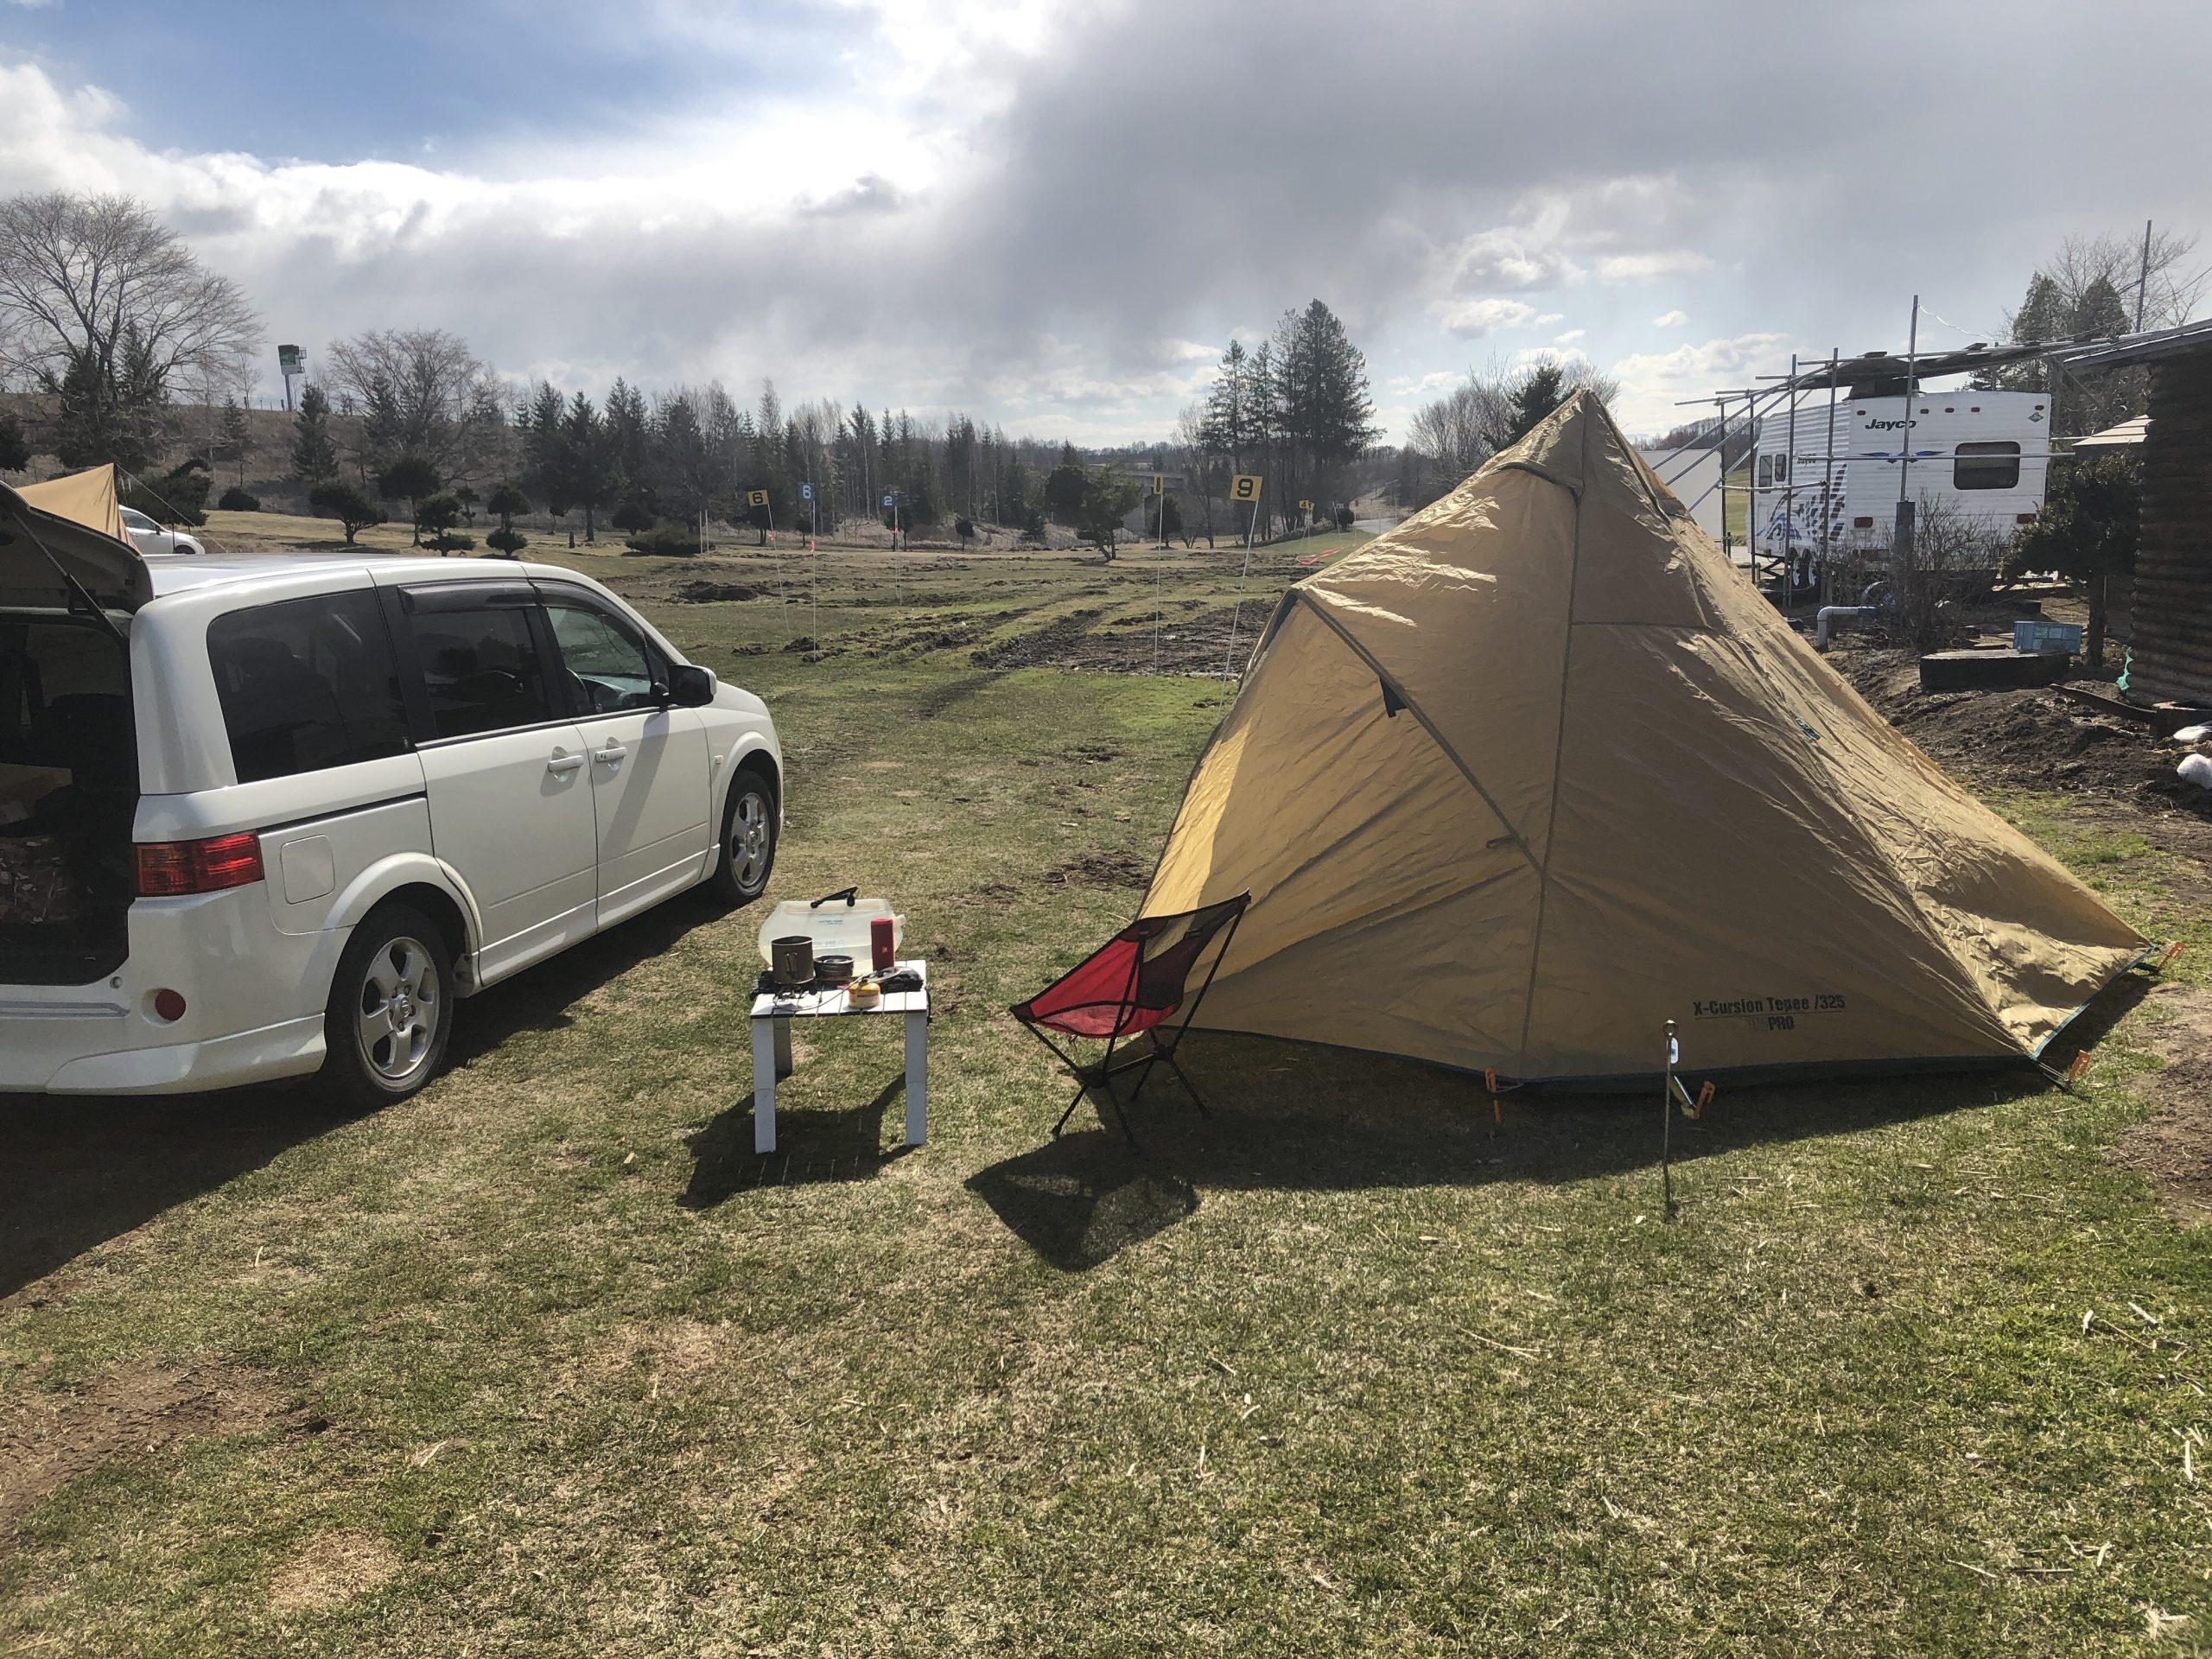 寒い北海道にやっとキャンプのシーズンが来たので行って来た